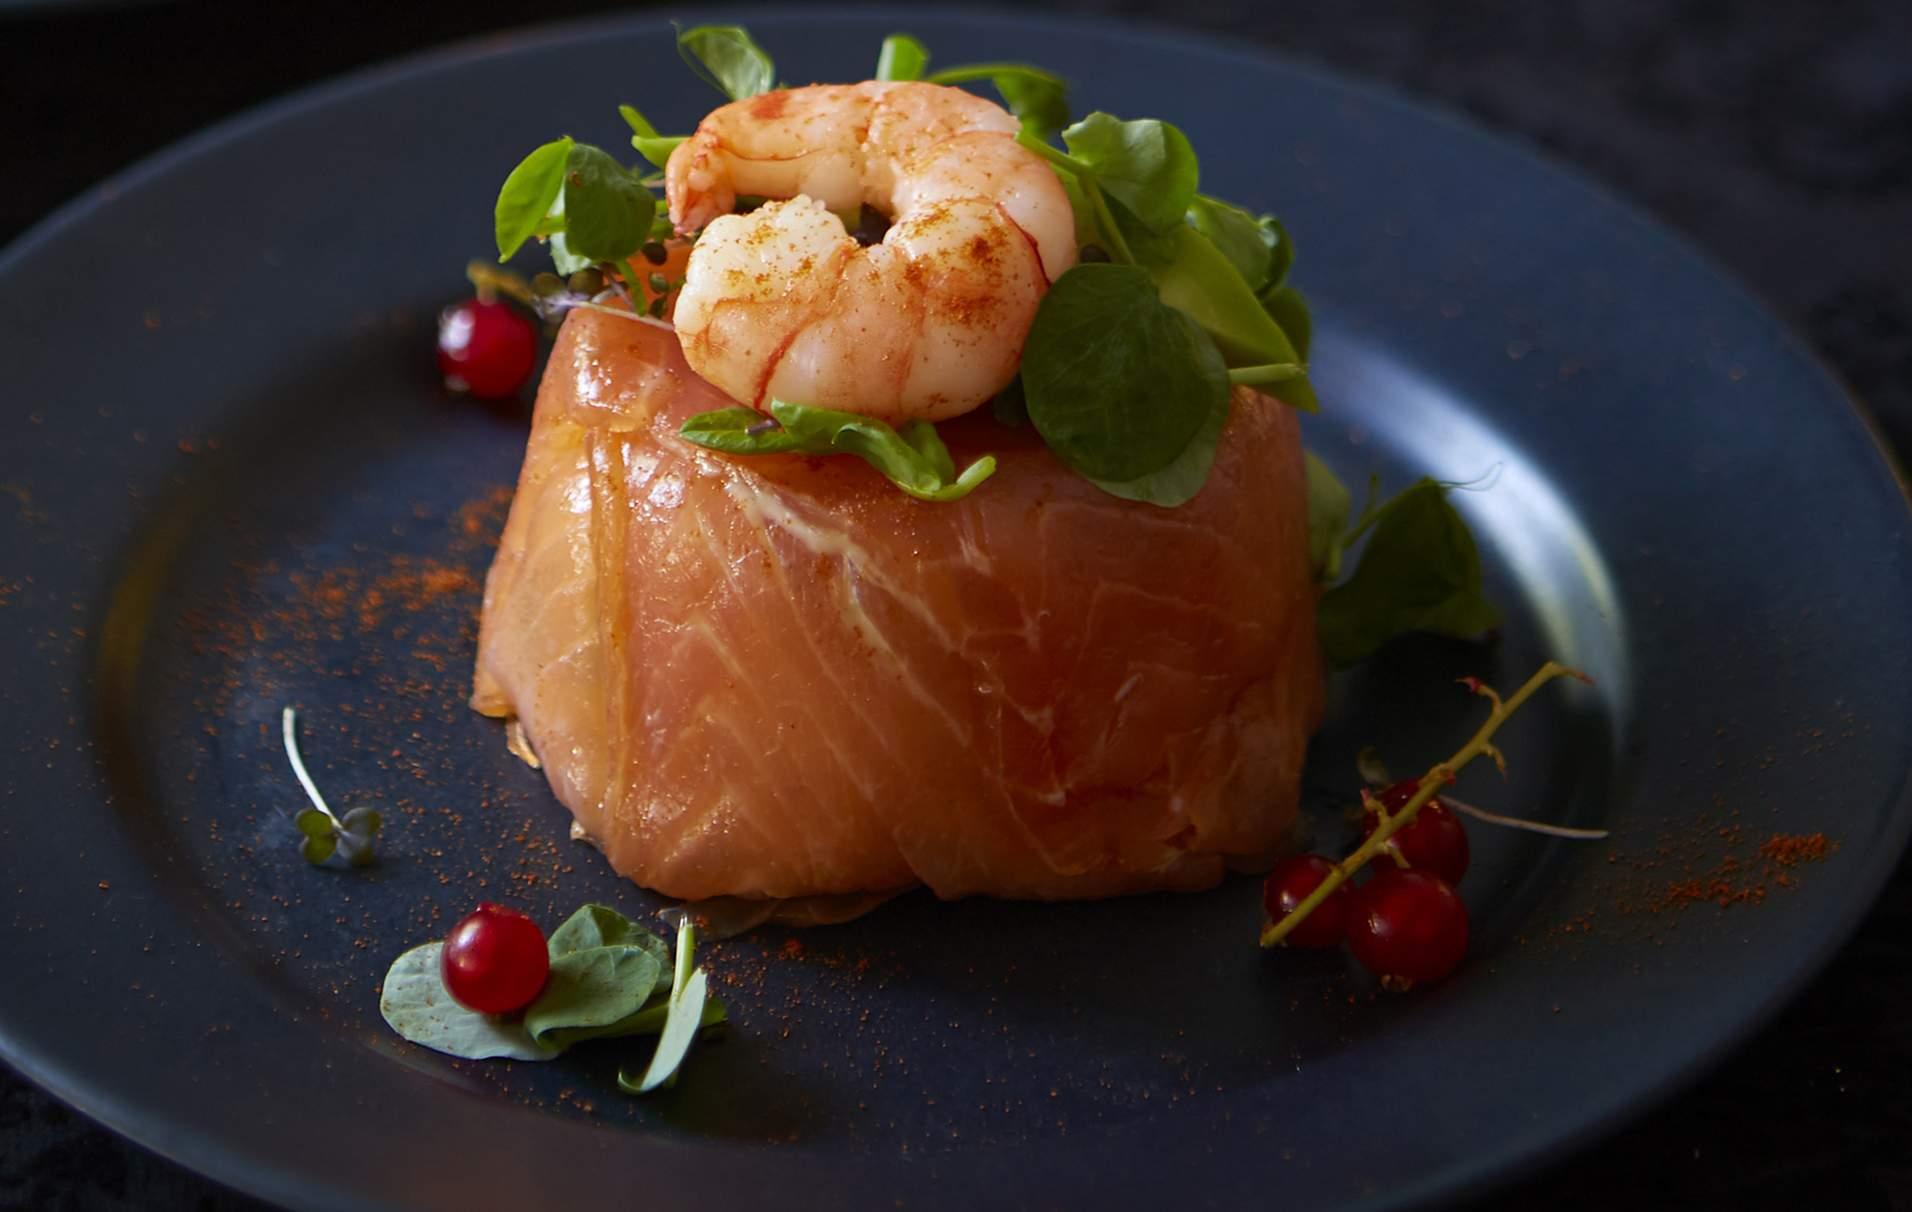 Cóctel de gambas y paquetes de salmón Estos cócteles de gambas con paquetes de salmón son el entrante perfecto para cualquier ocasión especial.